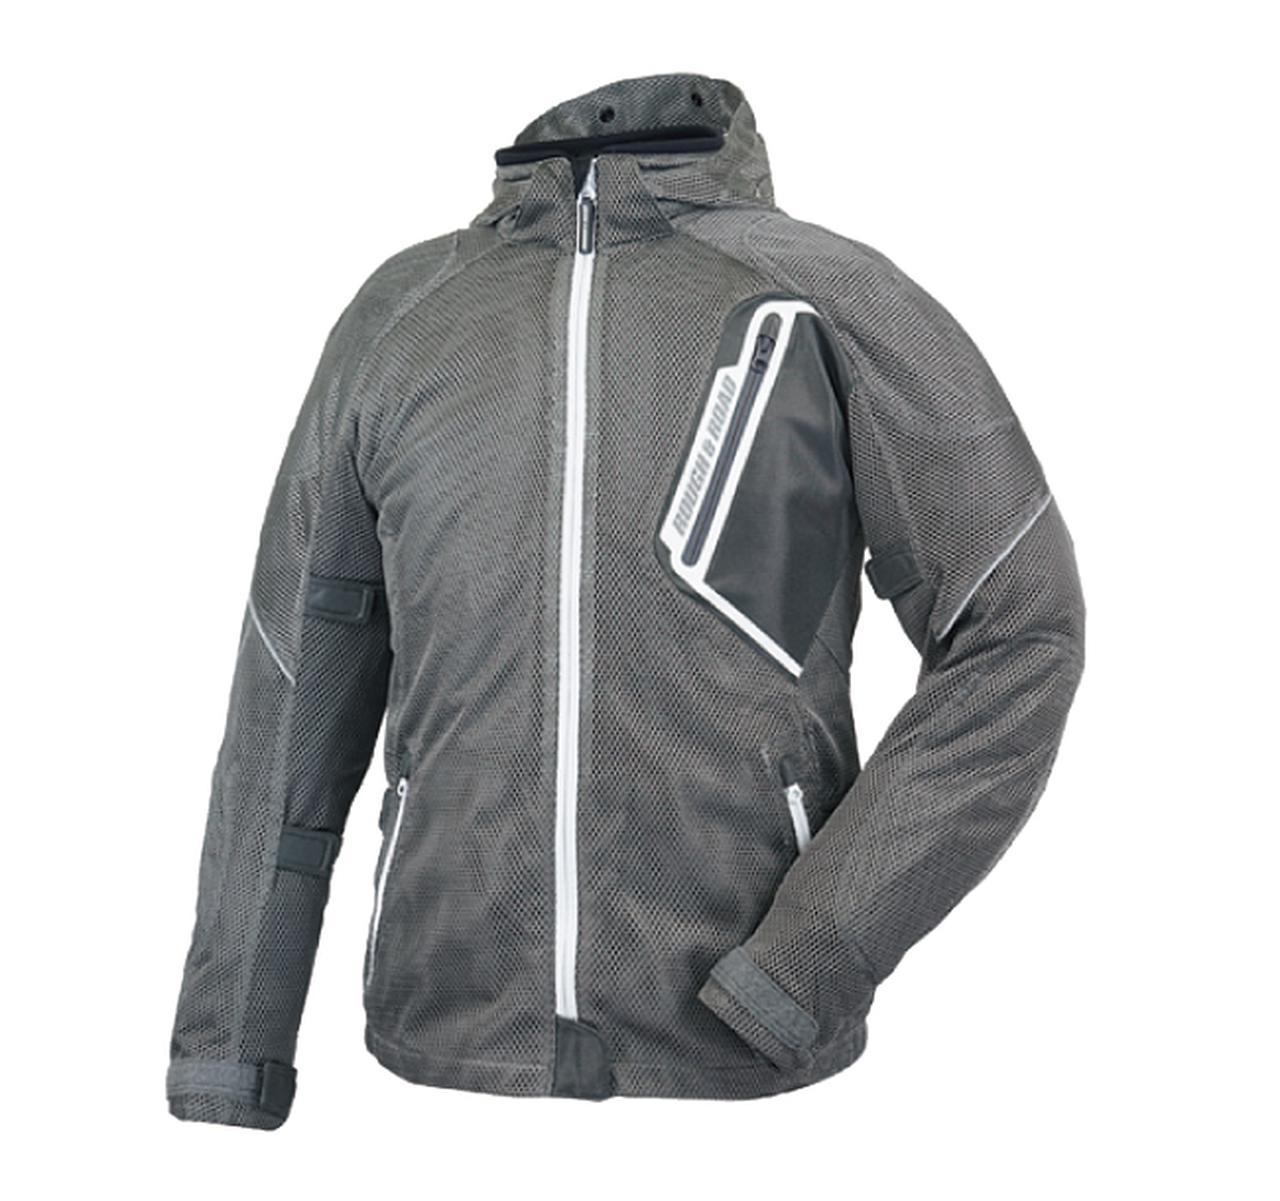 画像4: 「究極のメッシュジャケット」にパーカーVer.が追加! 真夏のバイクツーリングを快適にする、ラフ&ロードの2020年新製品